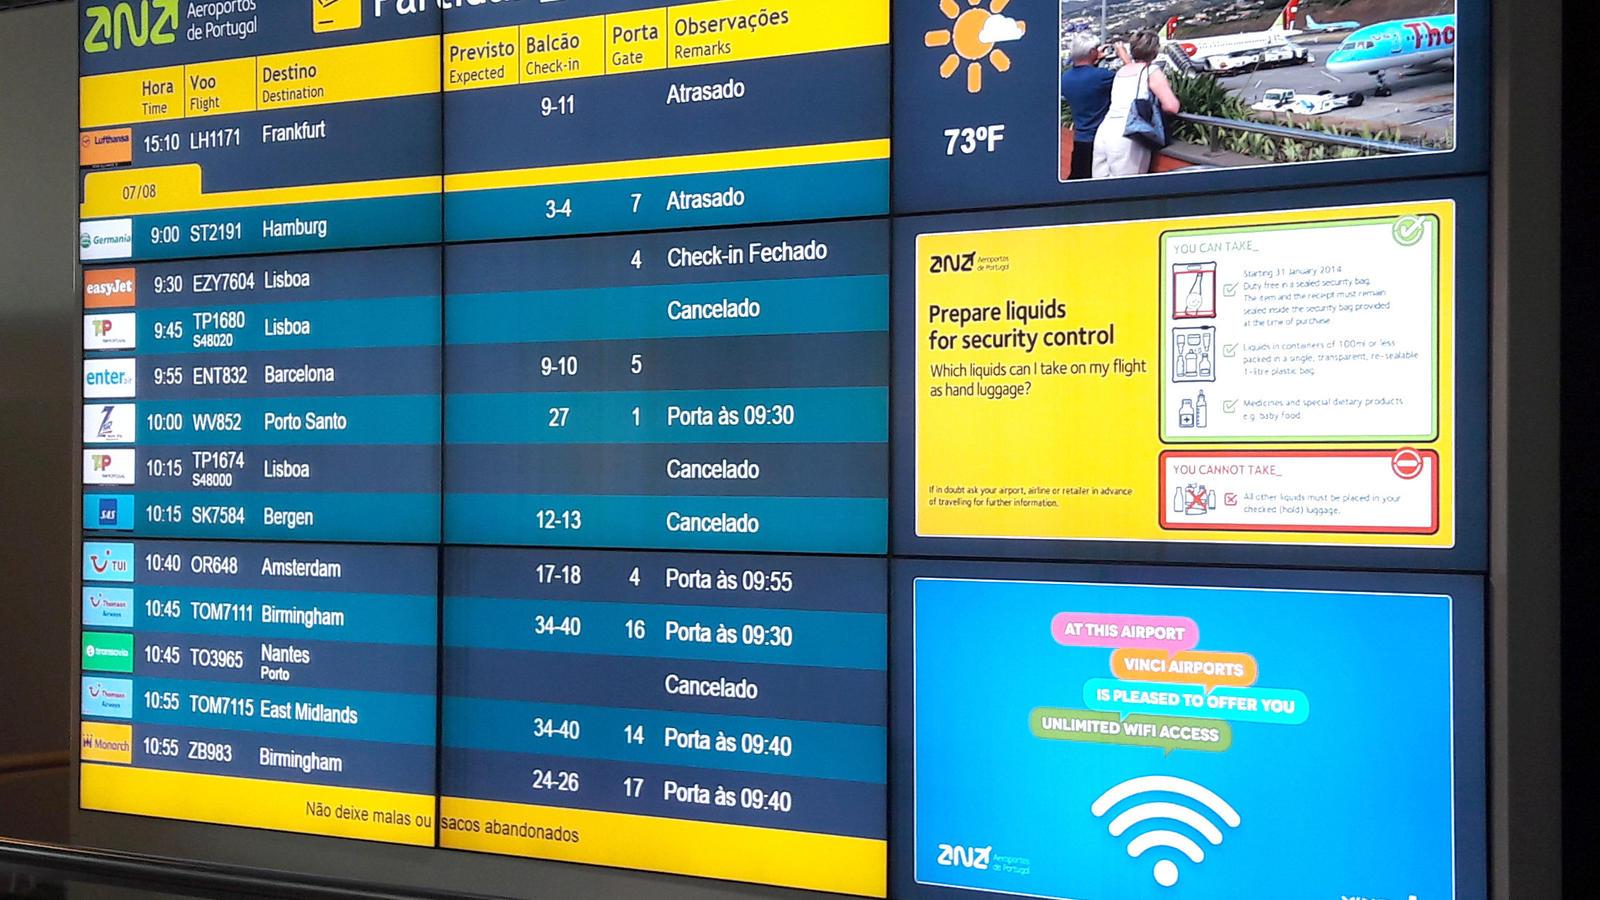 Dutzende Flüge von und nach Madeira wegen heftiger Winde annuliert